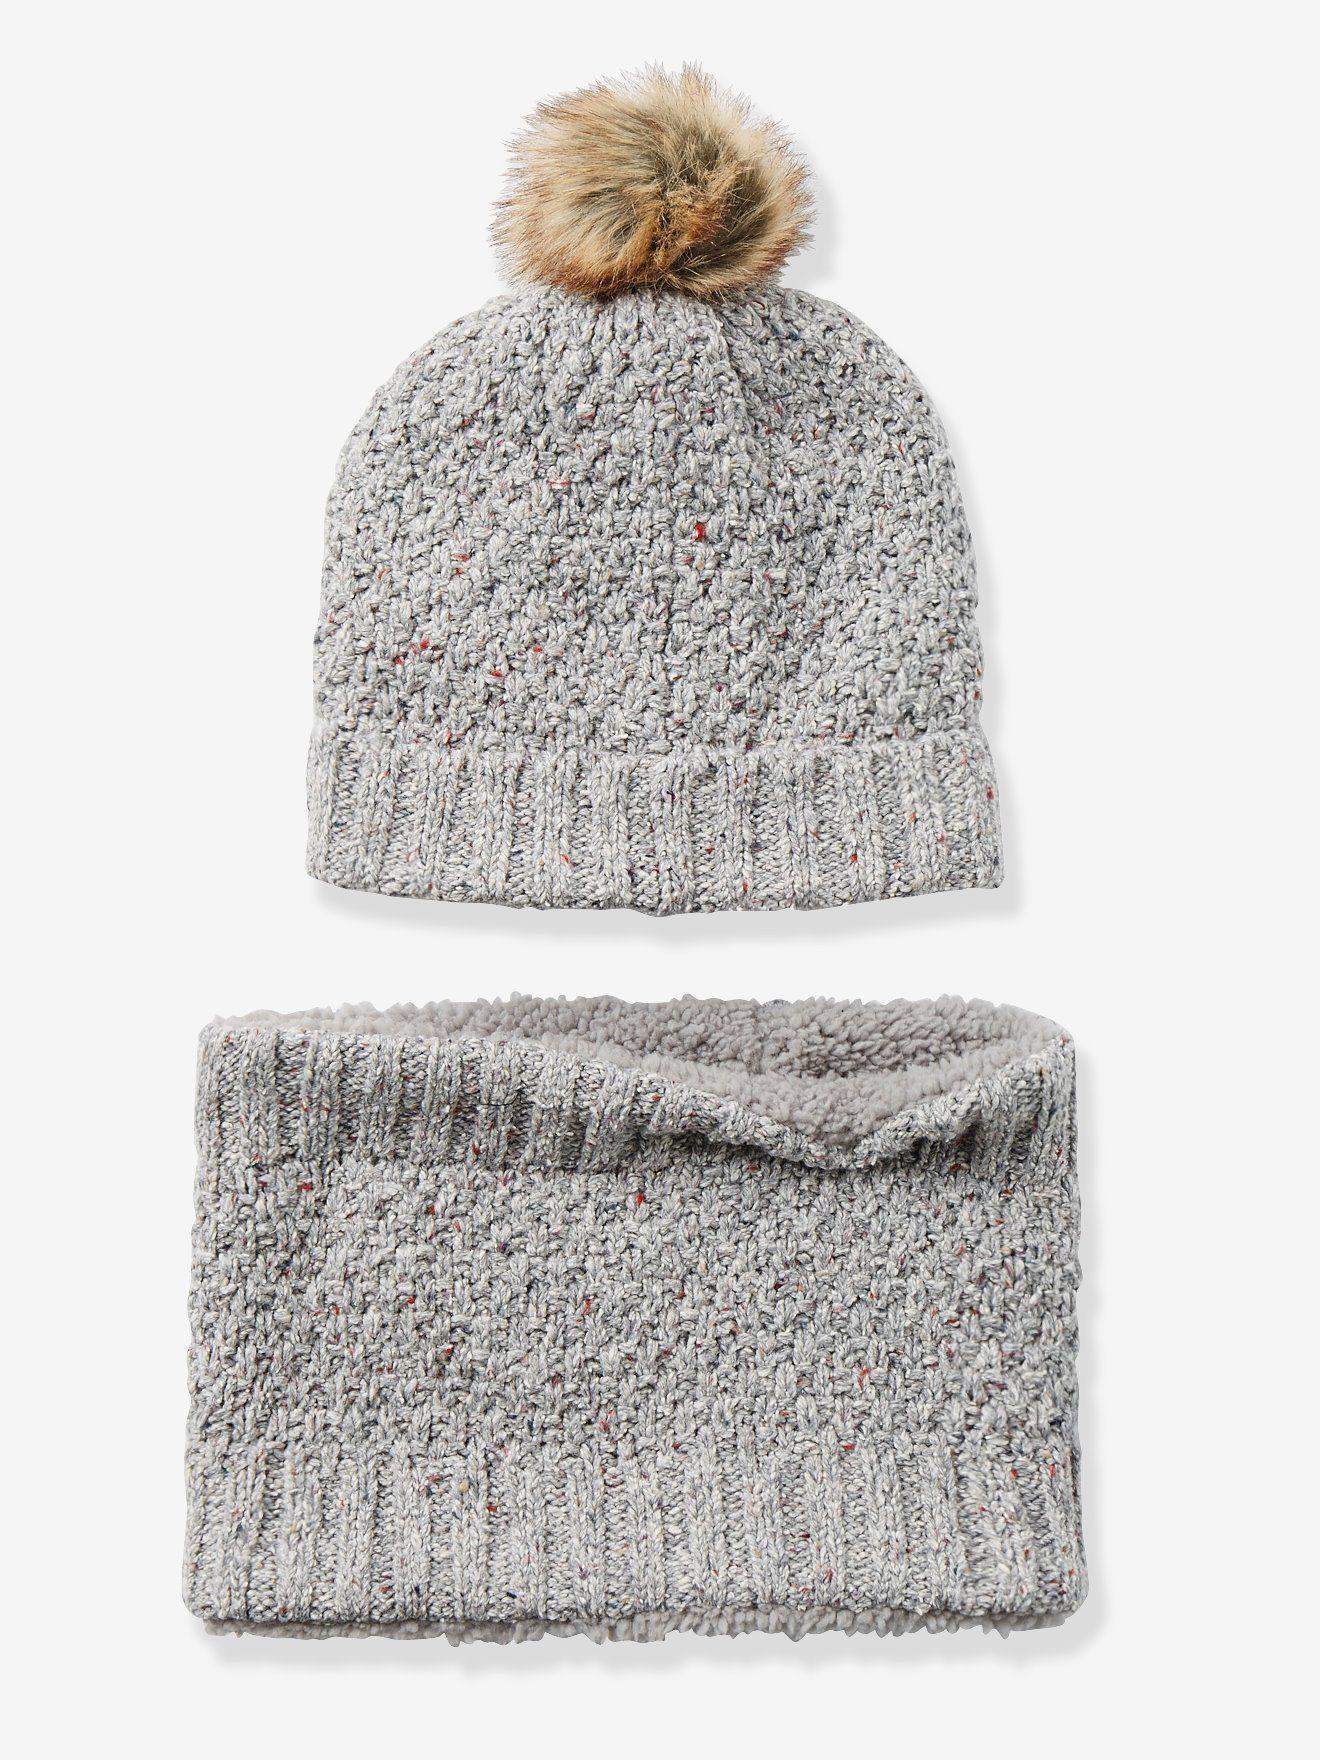 Ensemble bonnet + snood fille gris clair chiné - Un snood + un bonnet bien  chauds af7d139de80